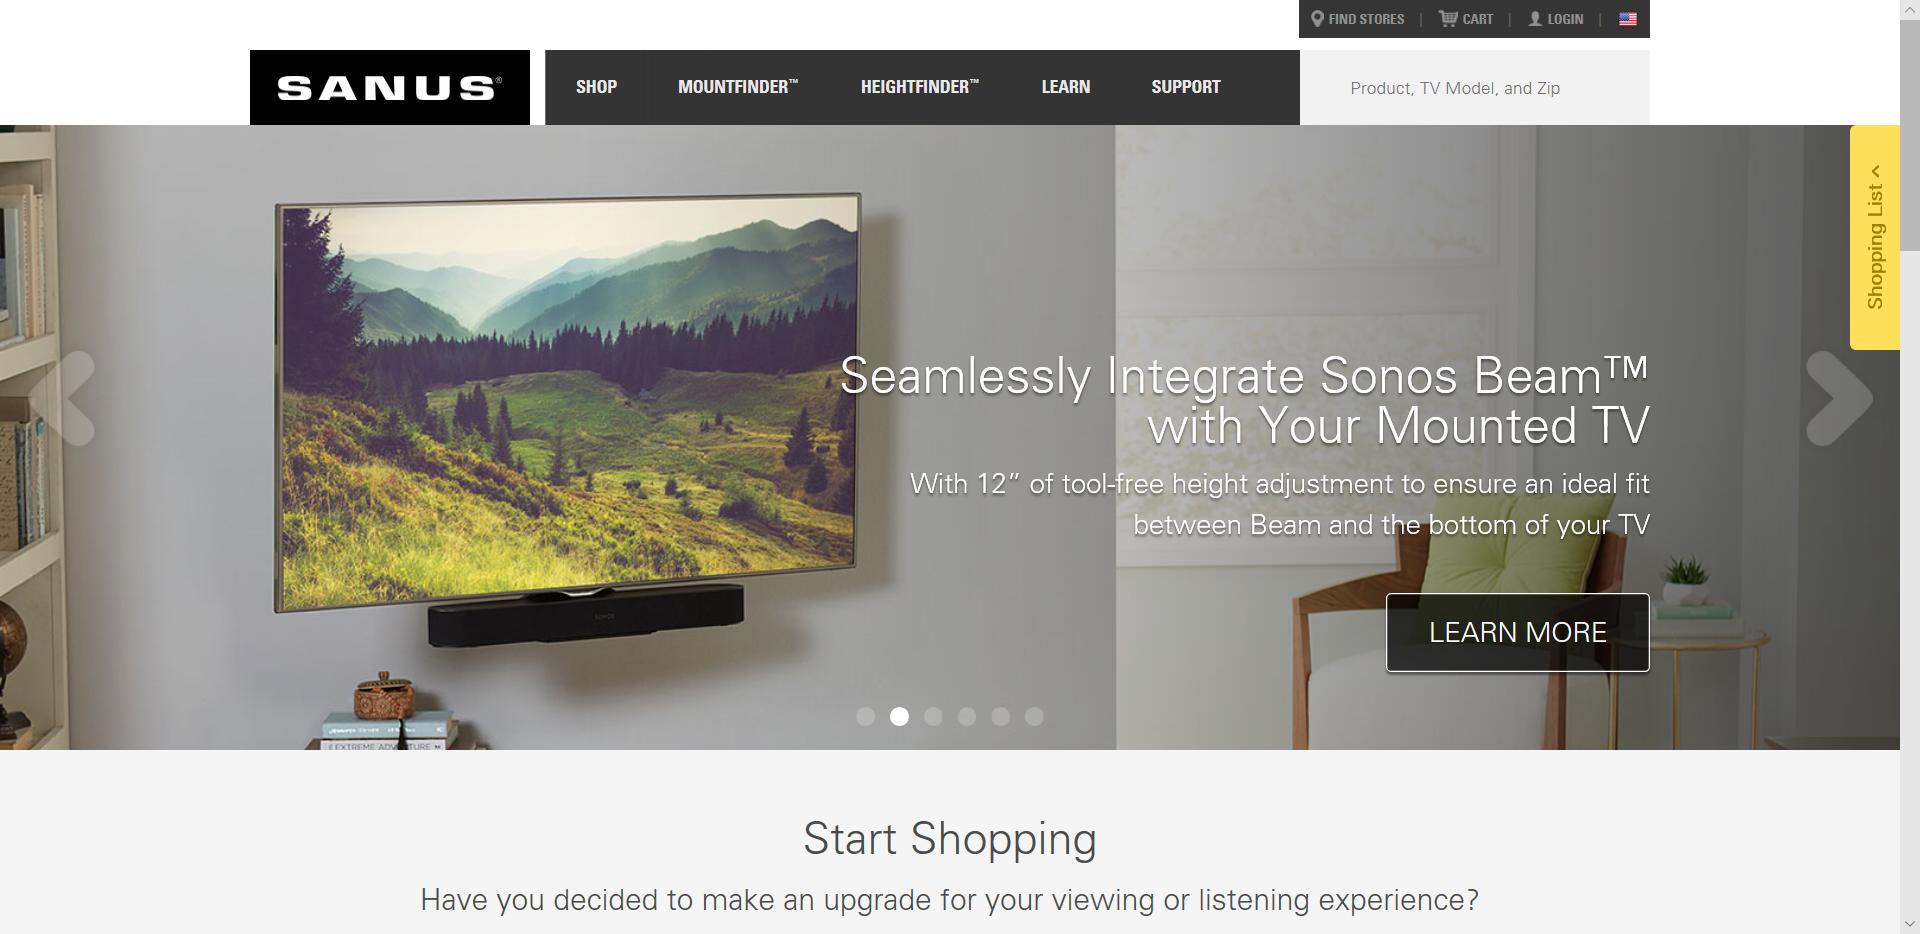 盘点:40个BigCommerce出色的电商网站